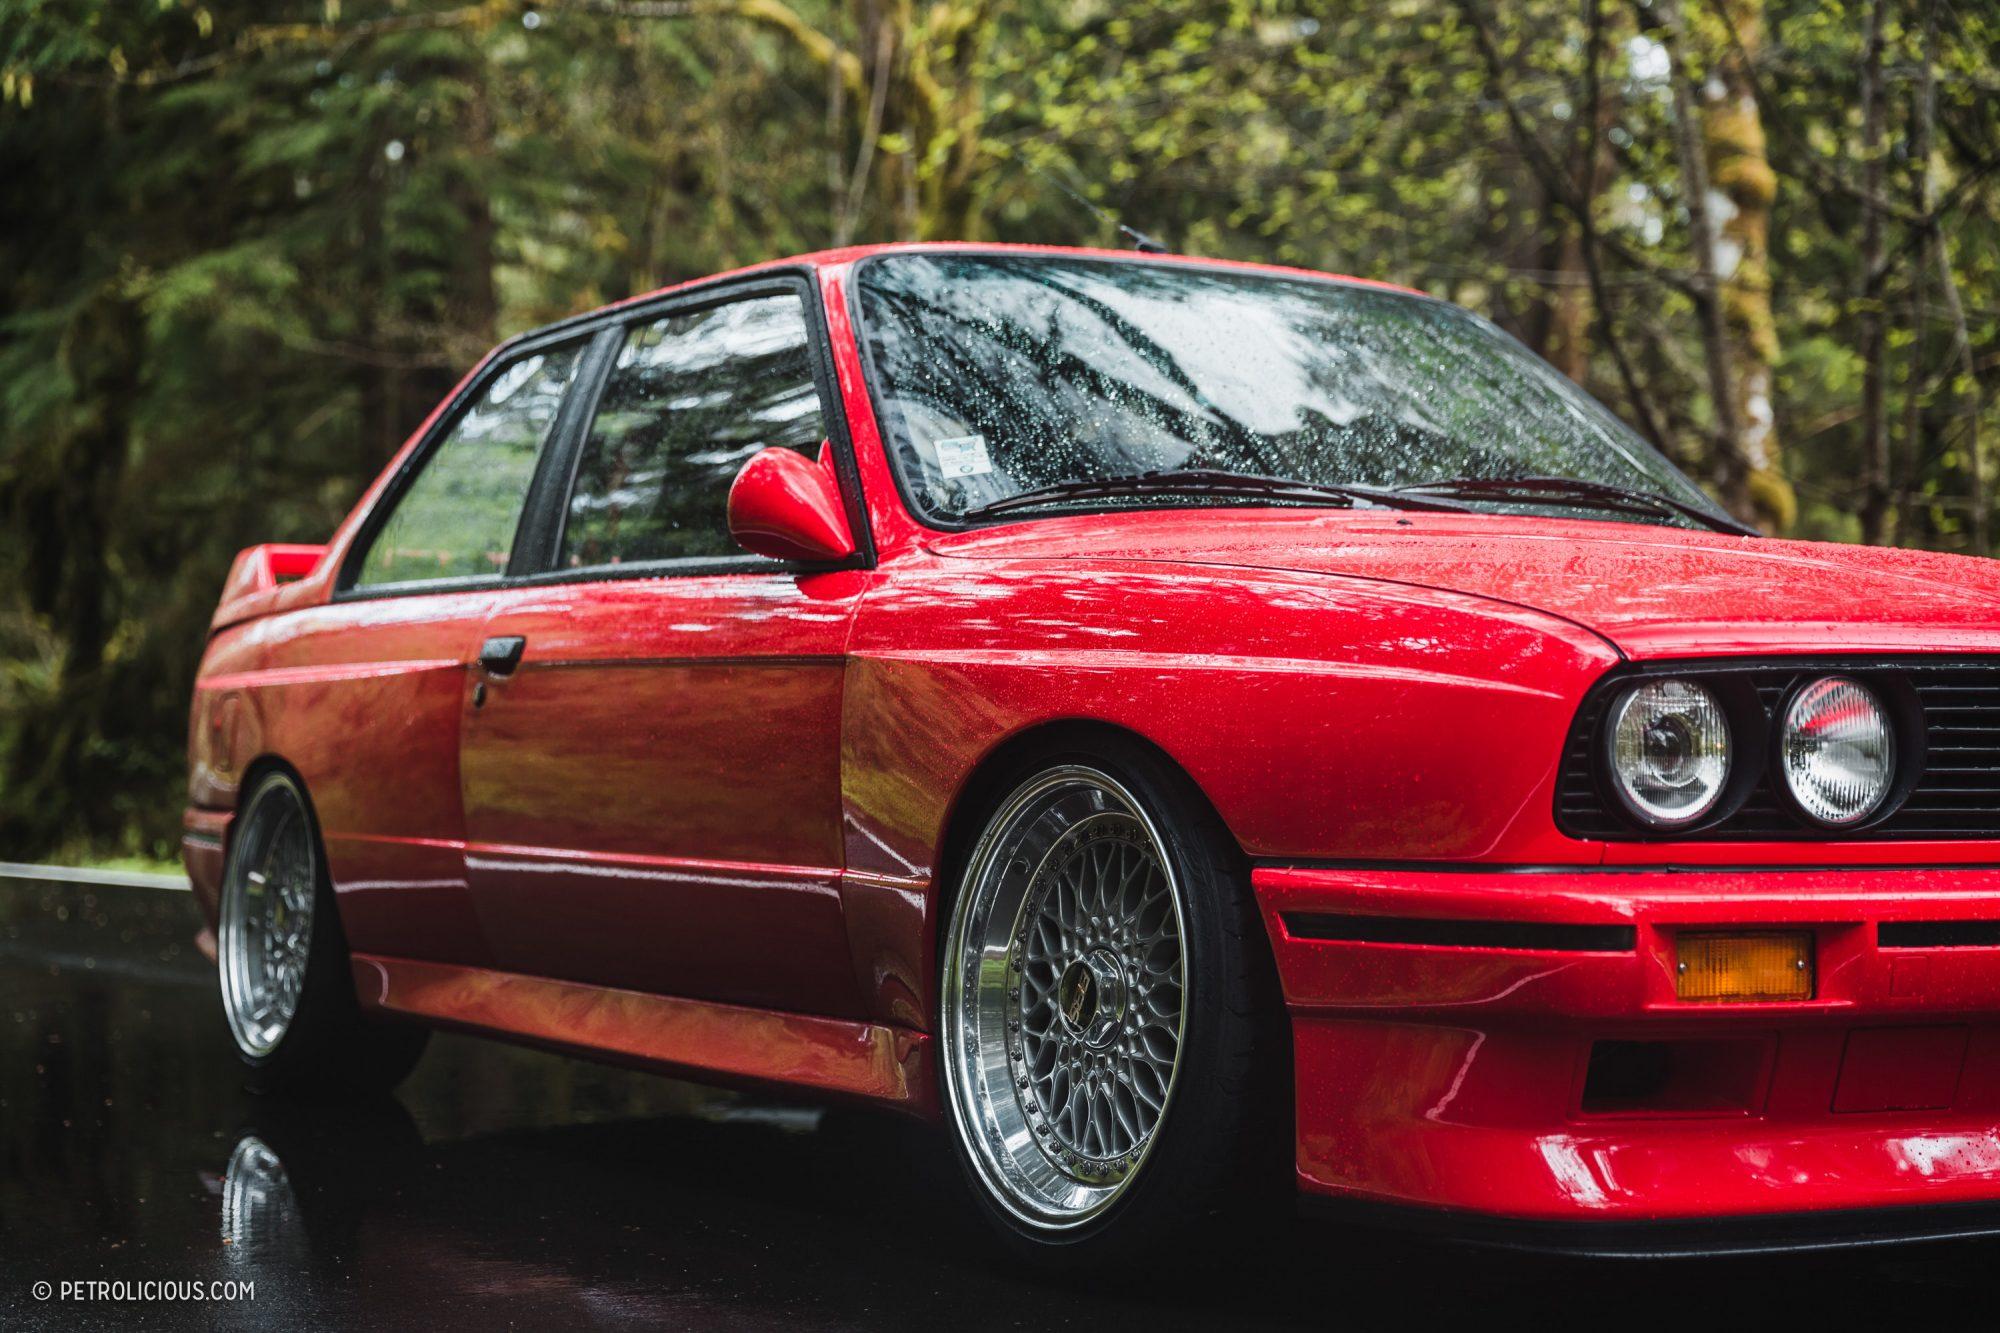 Daniel-Piker-John-Zubarek-Hennarot-BMW-E30-M3-31-2000x1333.jpg